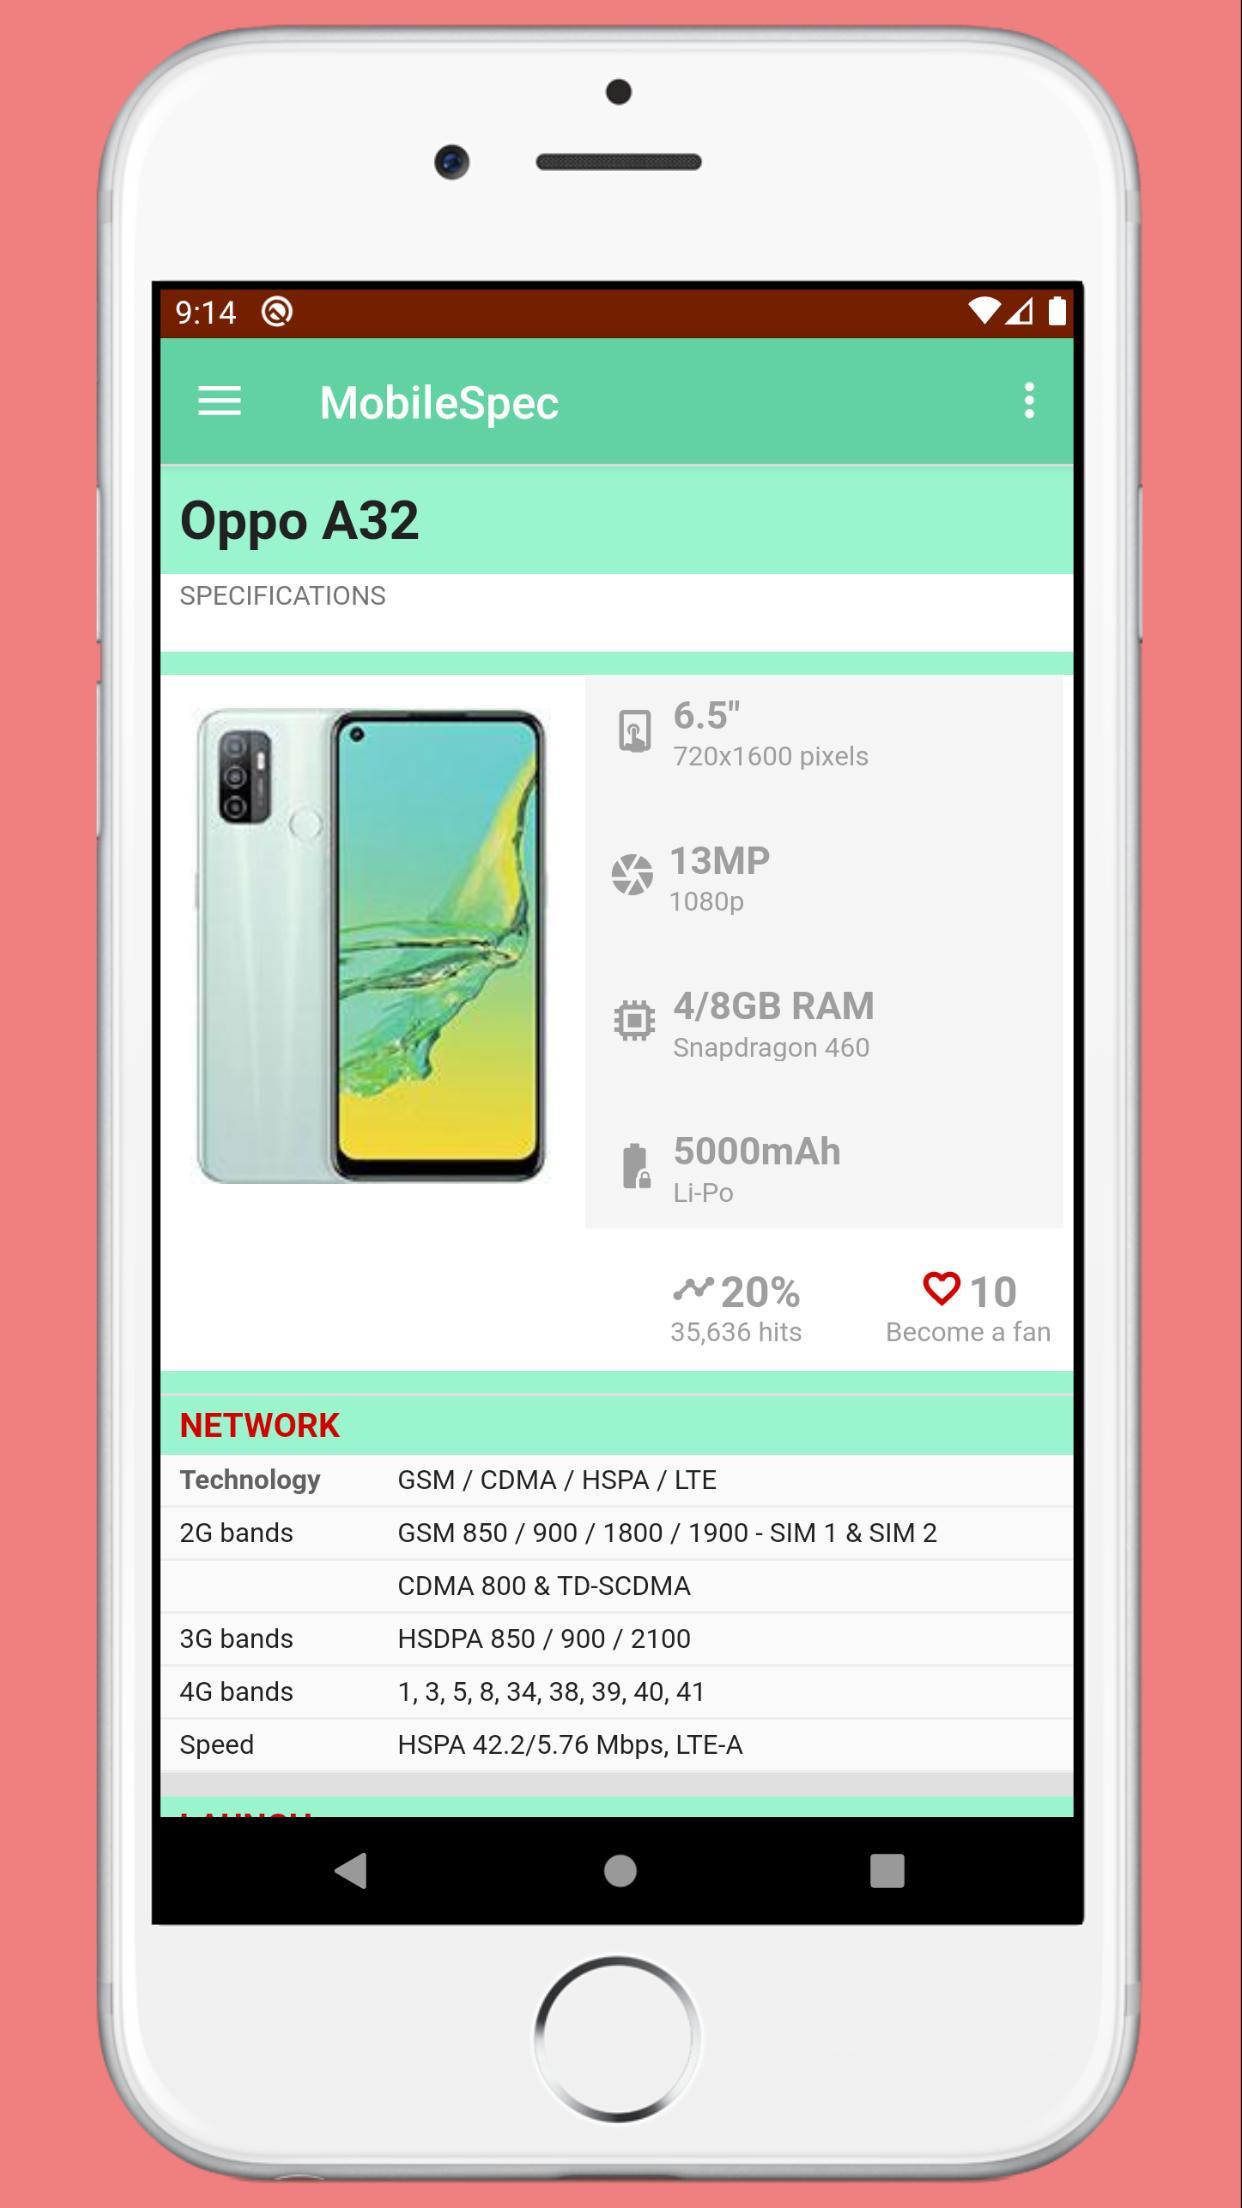 MobileSpec - Mobile Phone Full Specification  screenshot 7